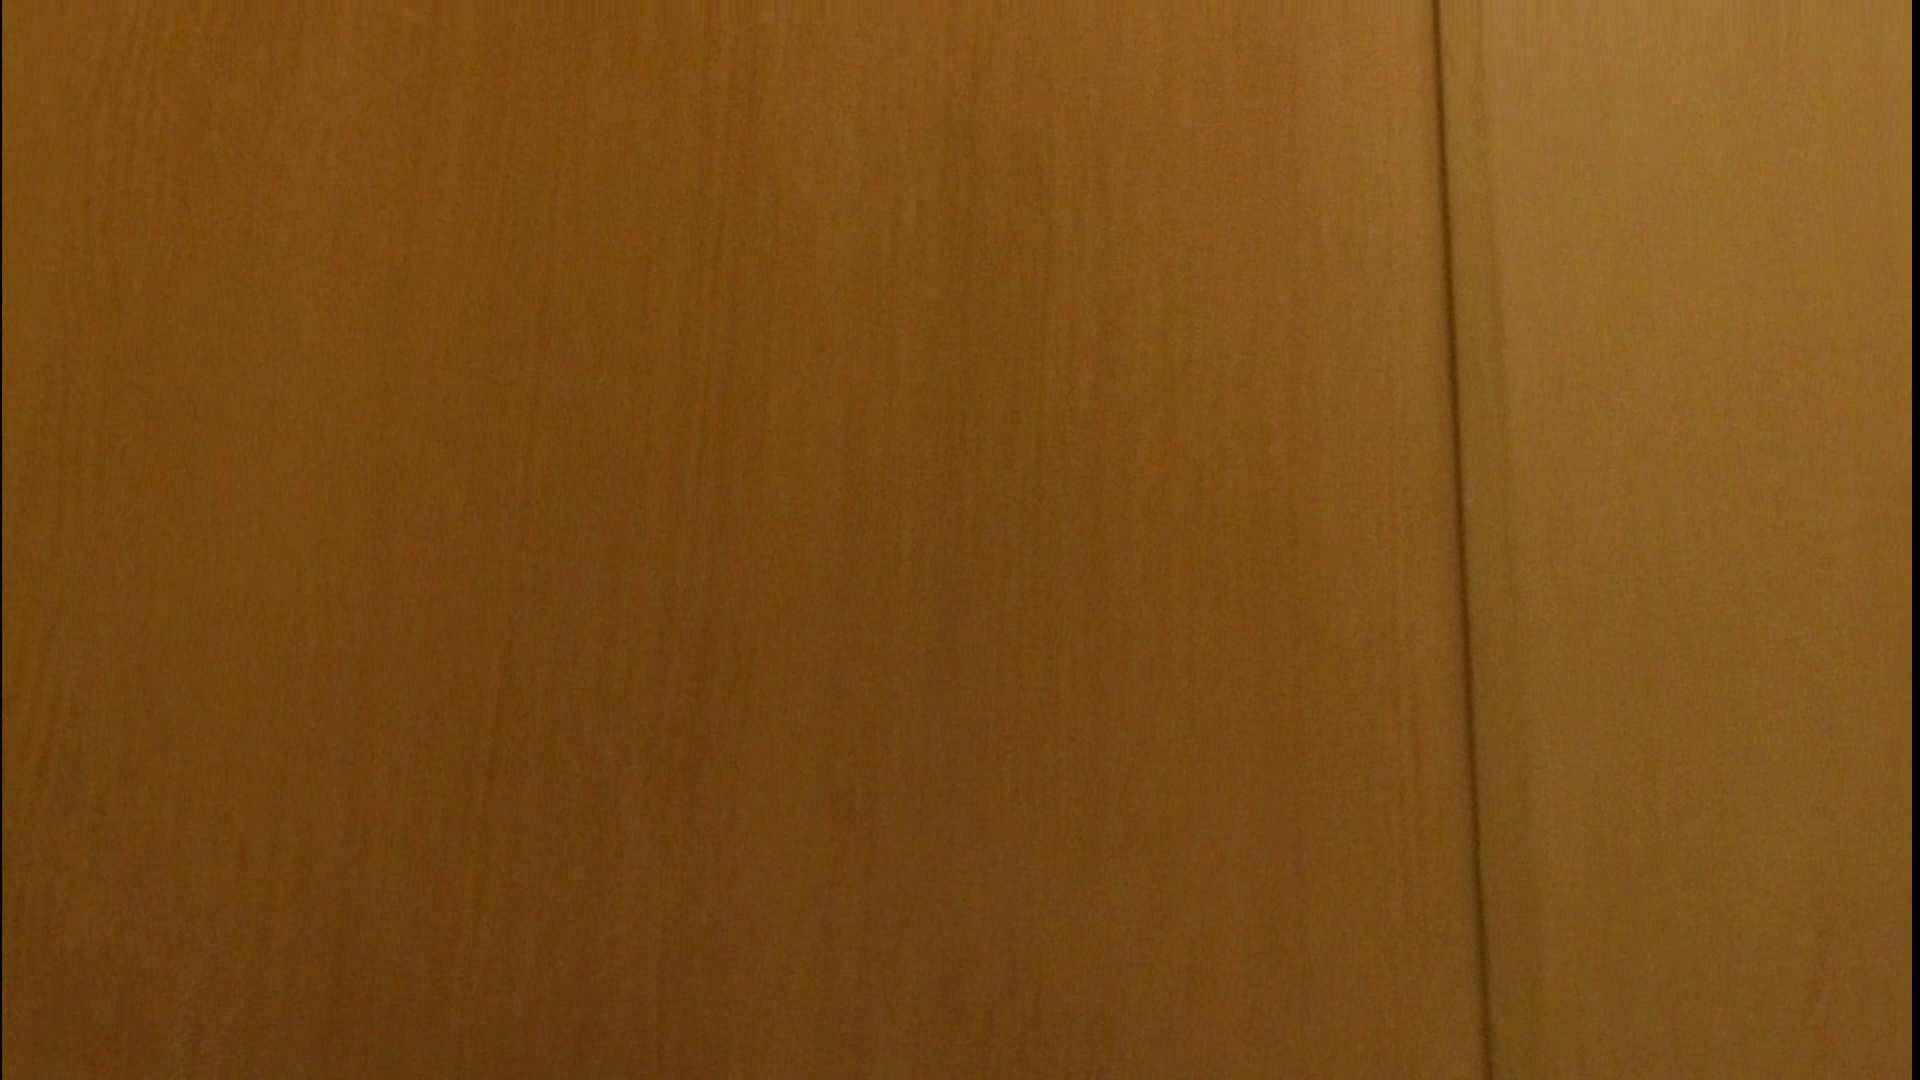 「噂」の国の厠観察日記2 Vol.13 厠隠し撮り われめAV動画紹介 102pic 11